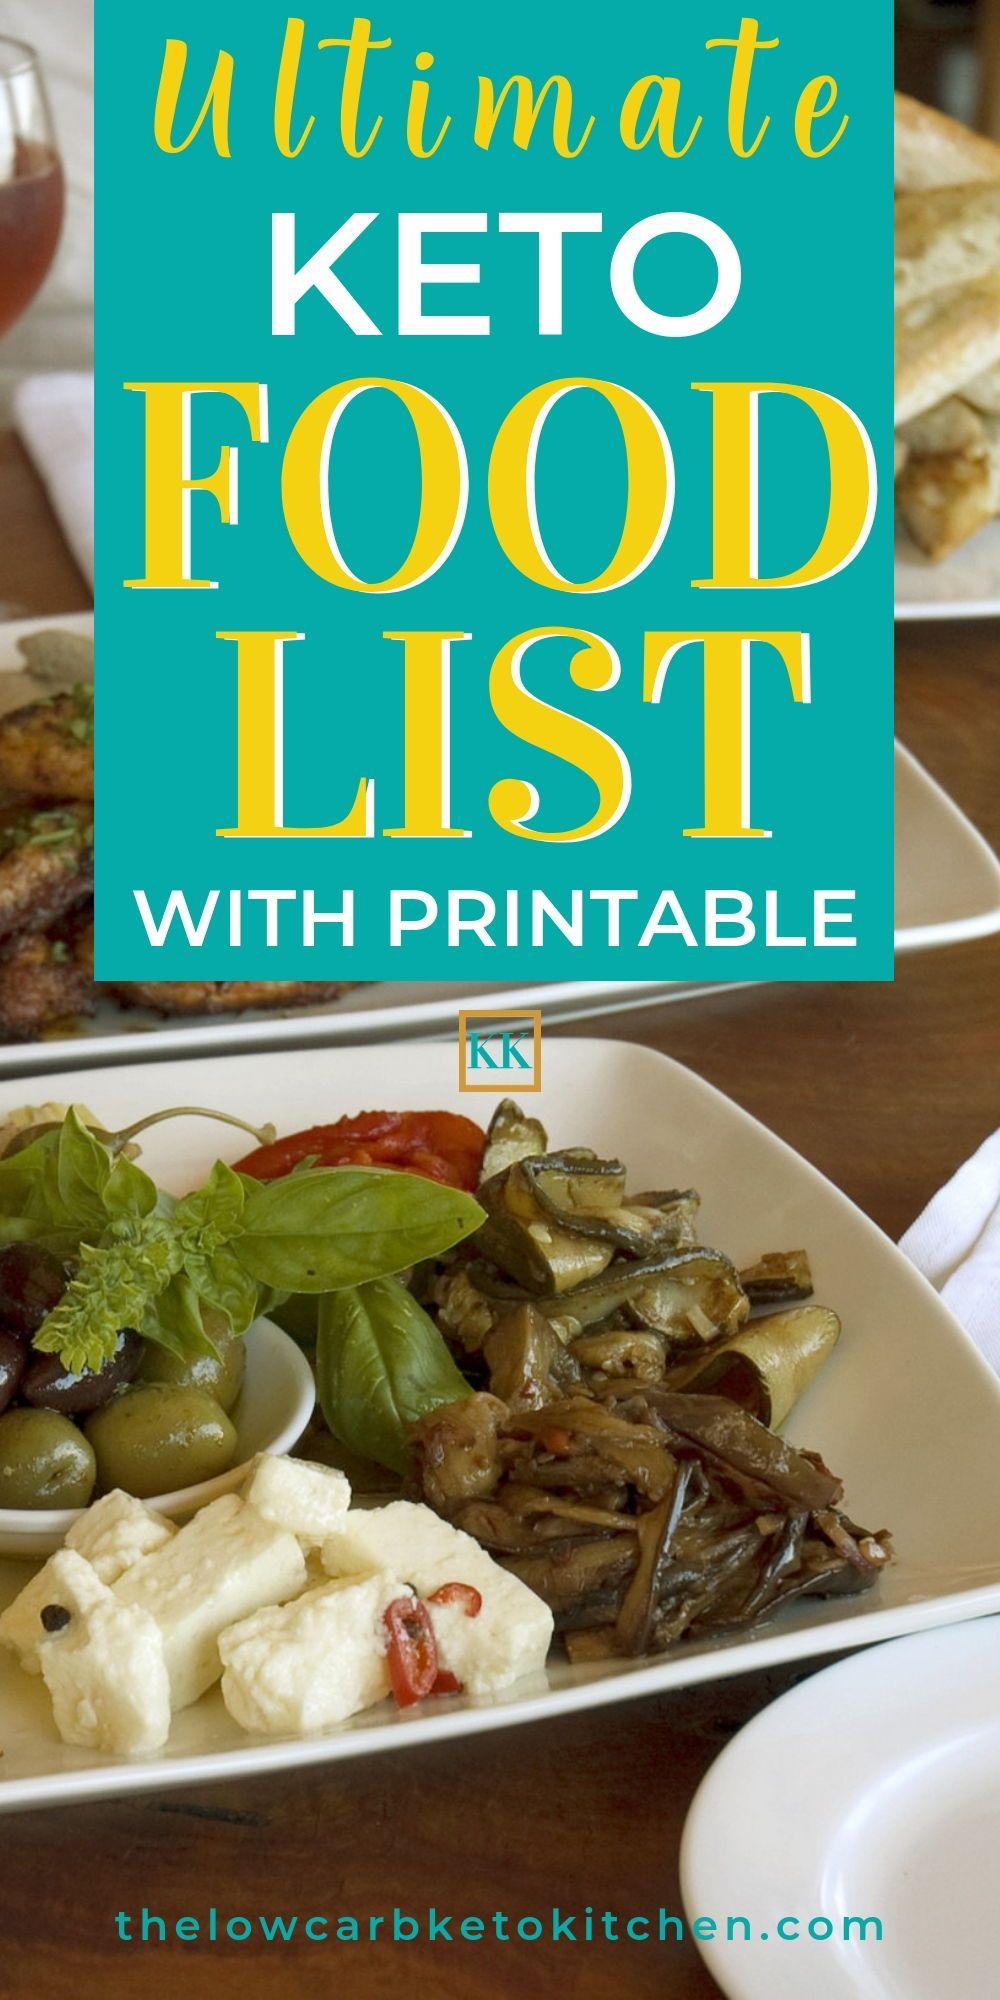 The Ultimate Keto Food List with Printable Keto food